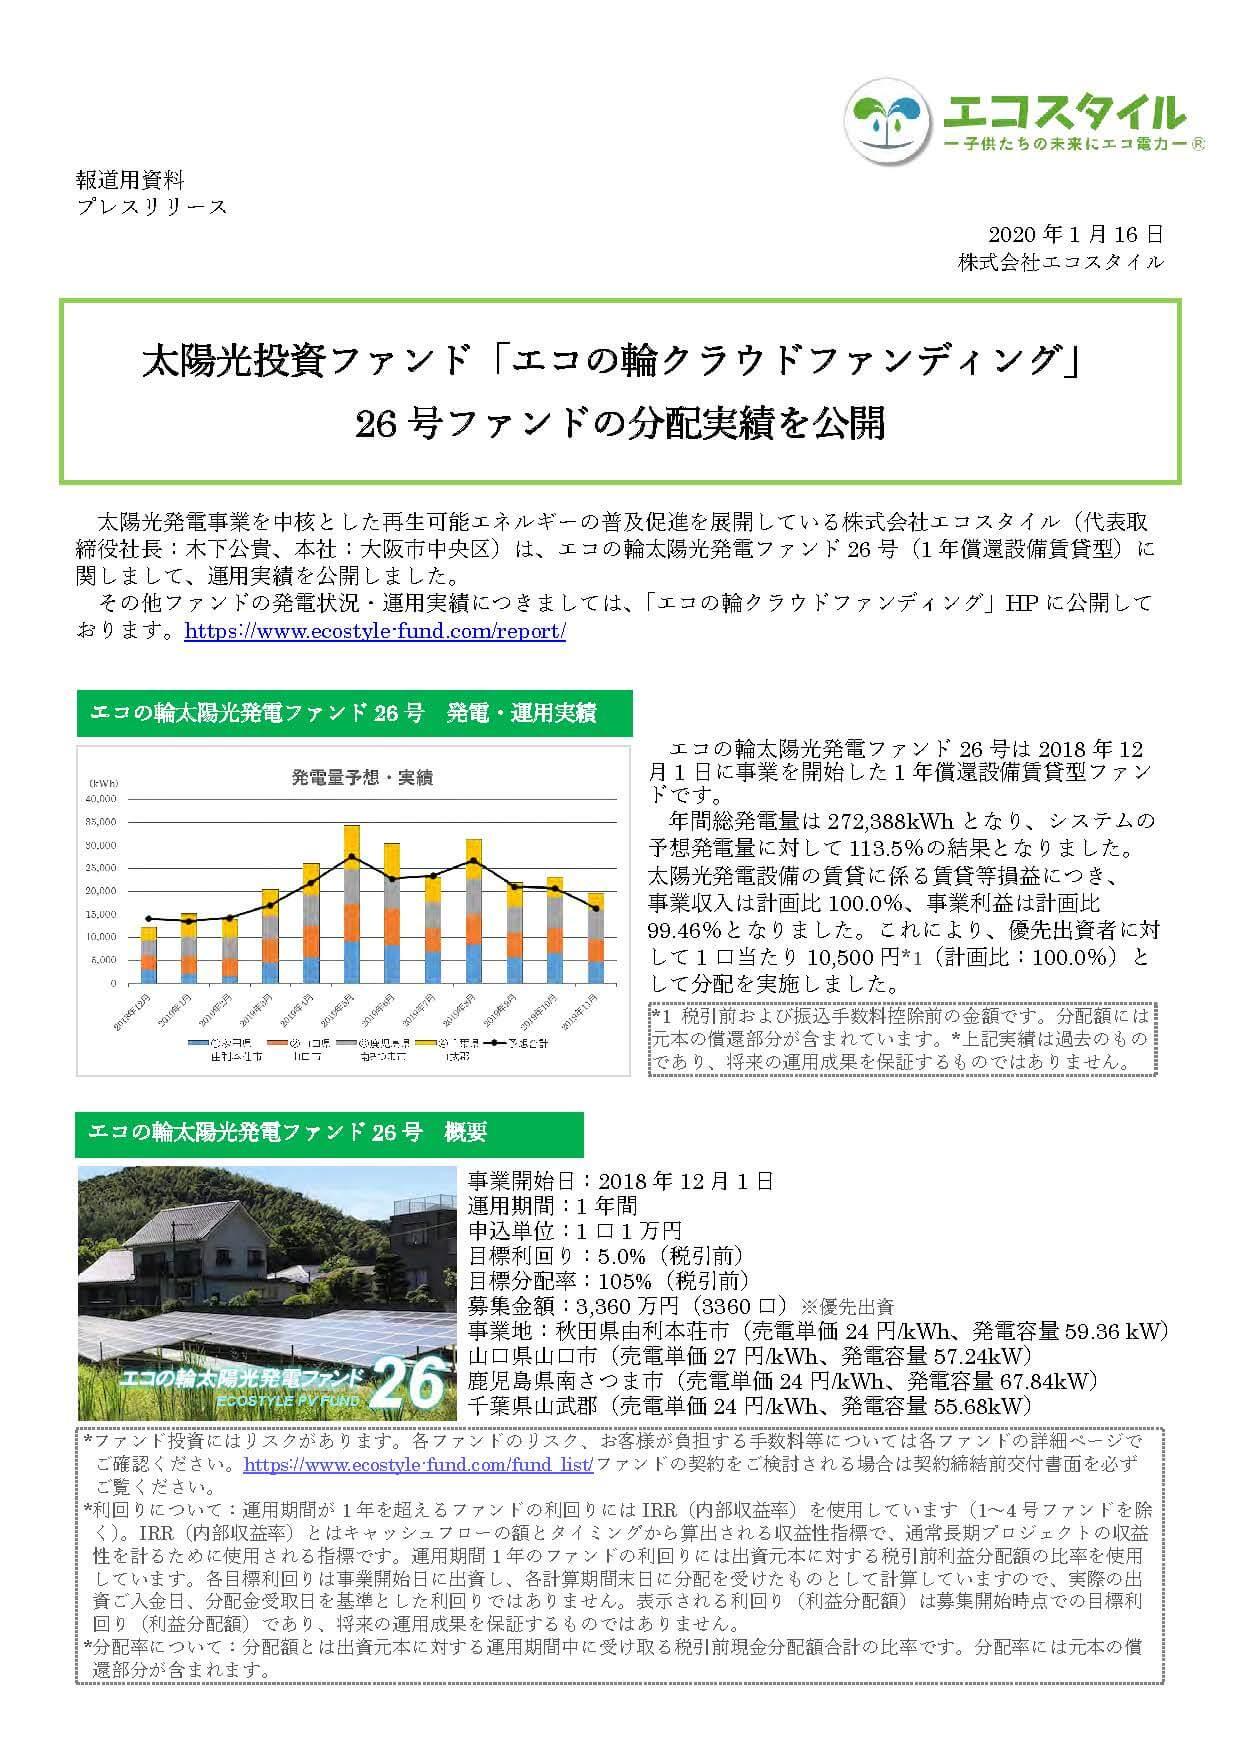 エコの輪クラウドファンディング26号ファンドの分配実績を公開